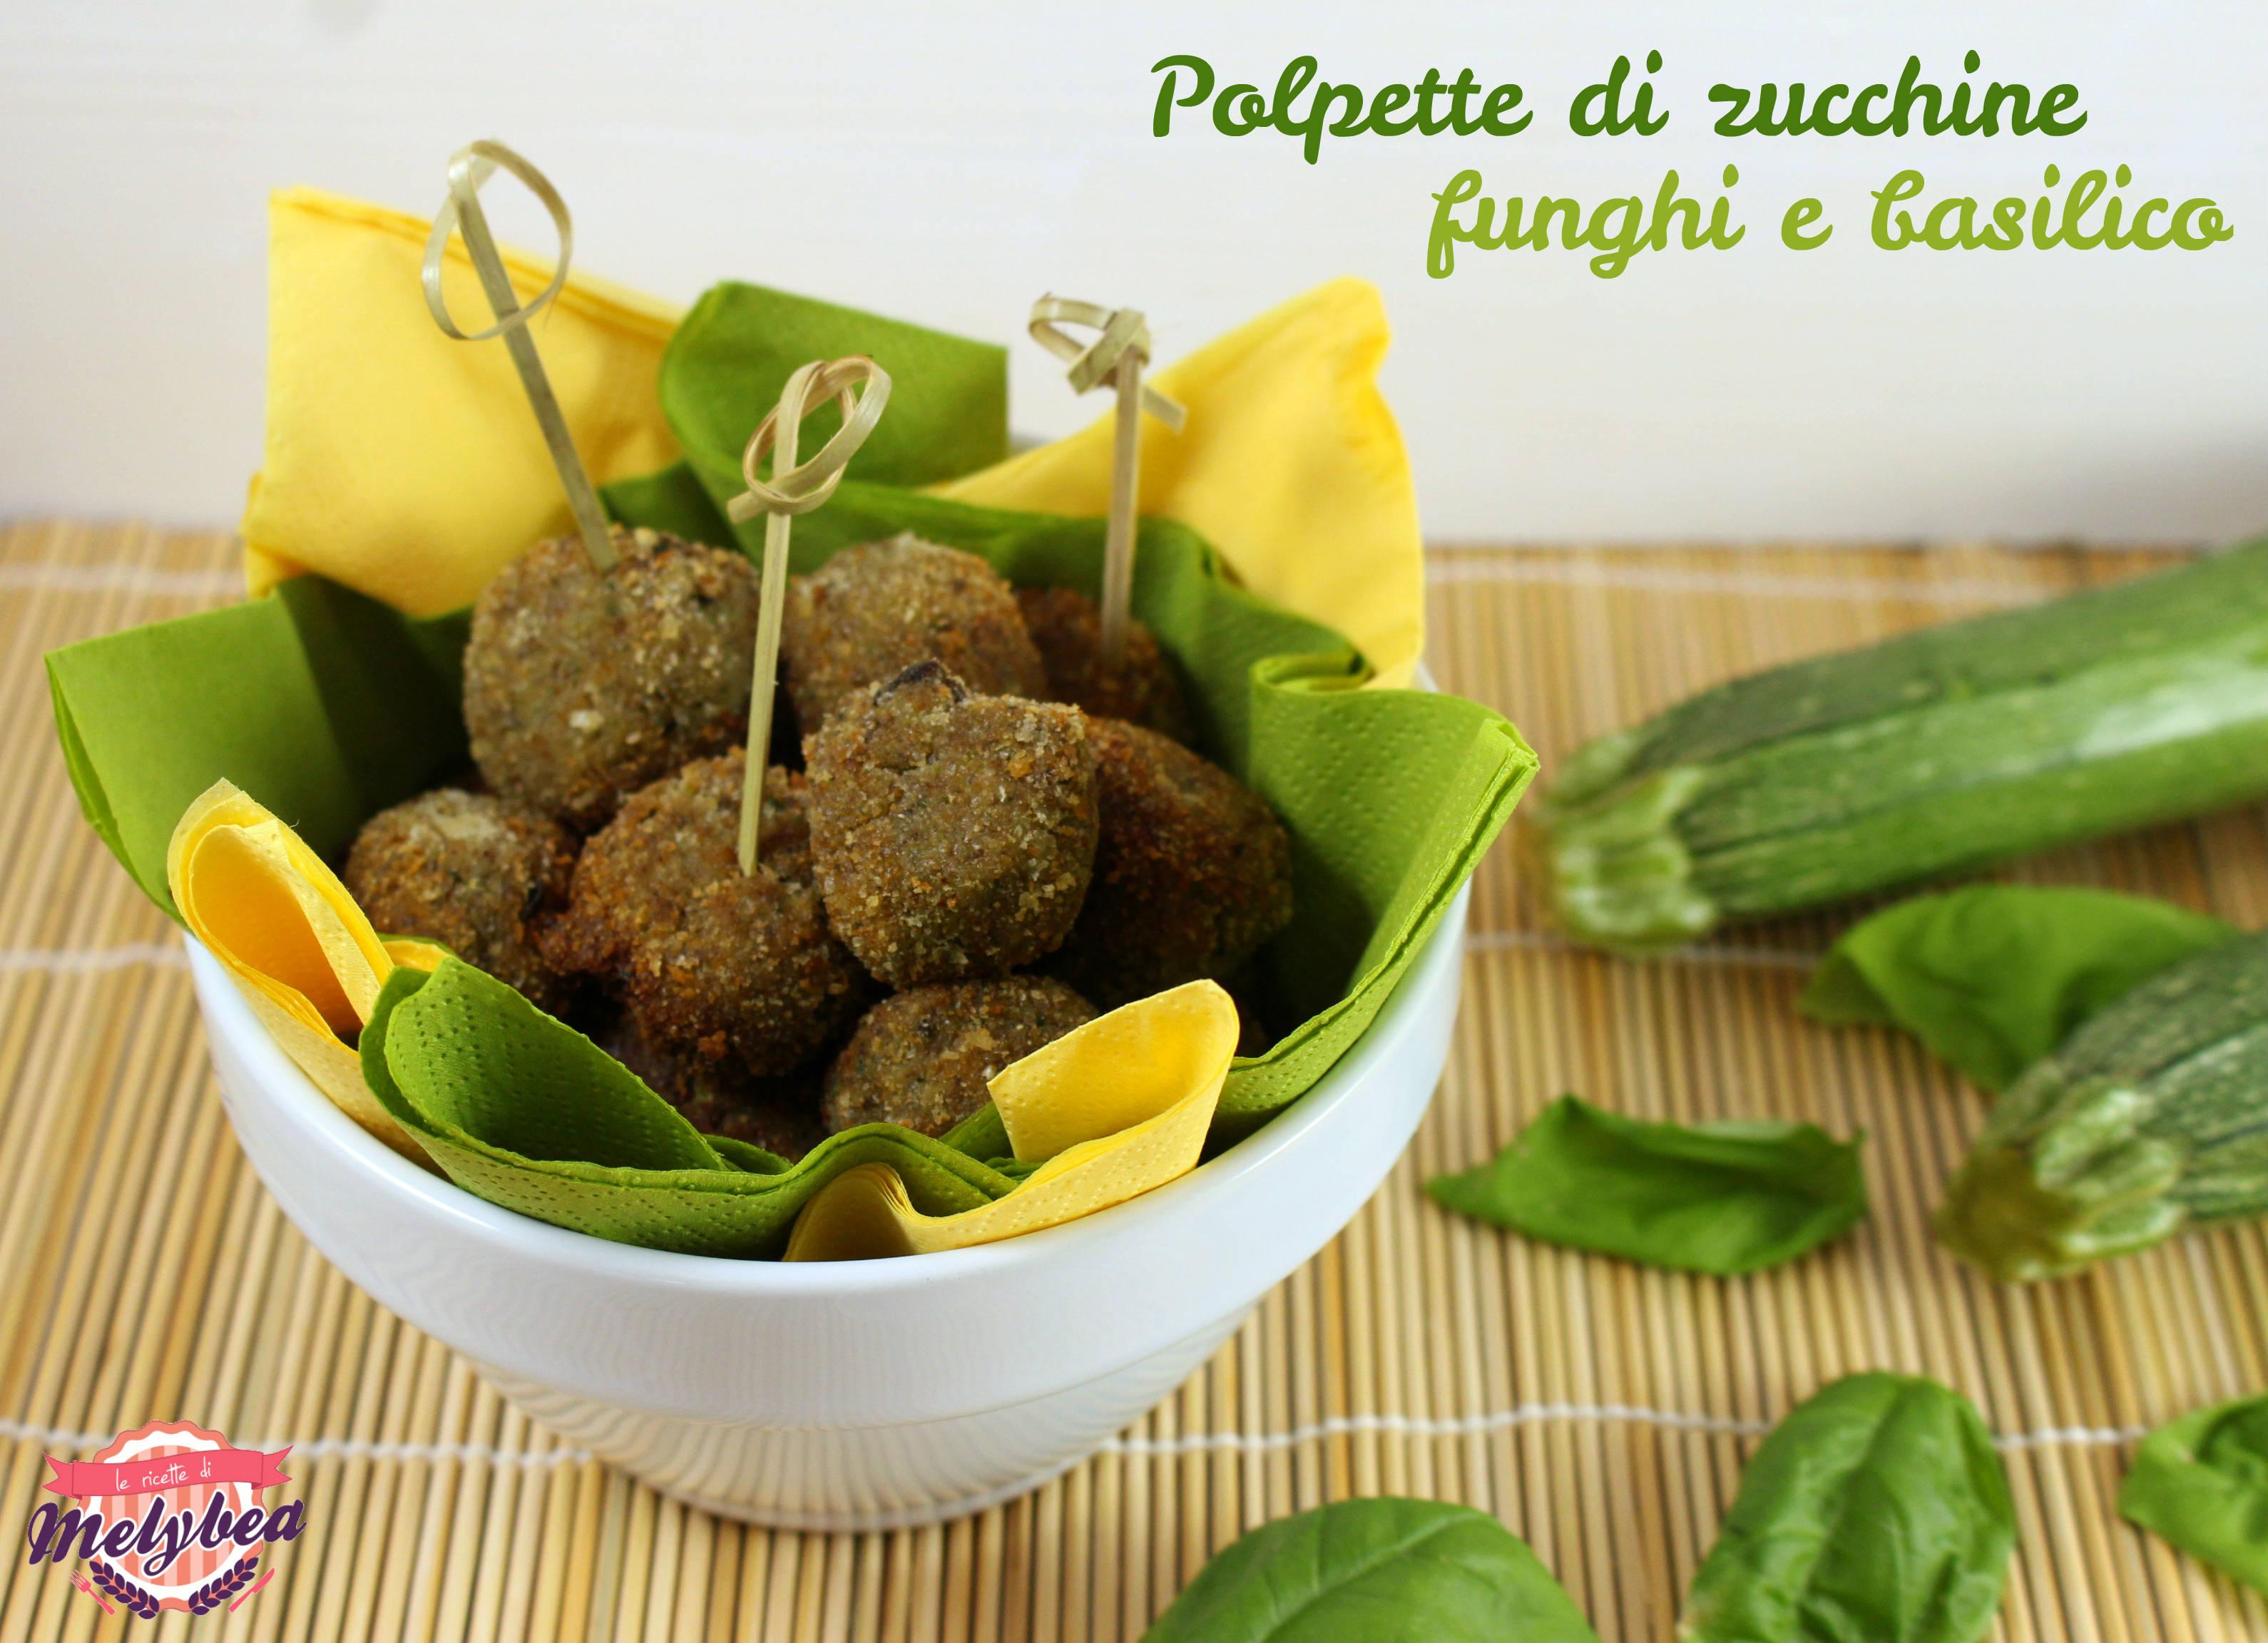 polpette di zucchine funghi e basilico